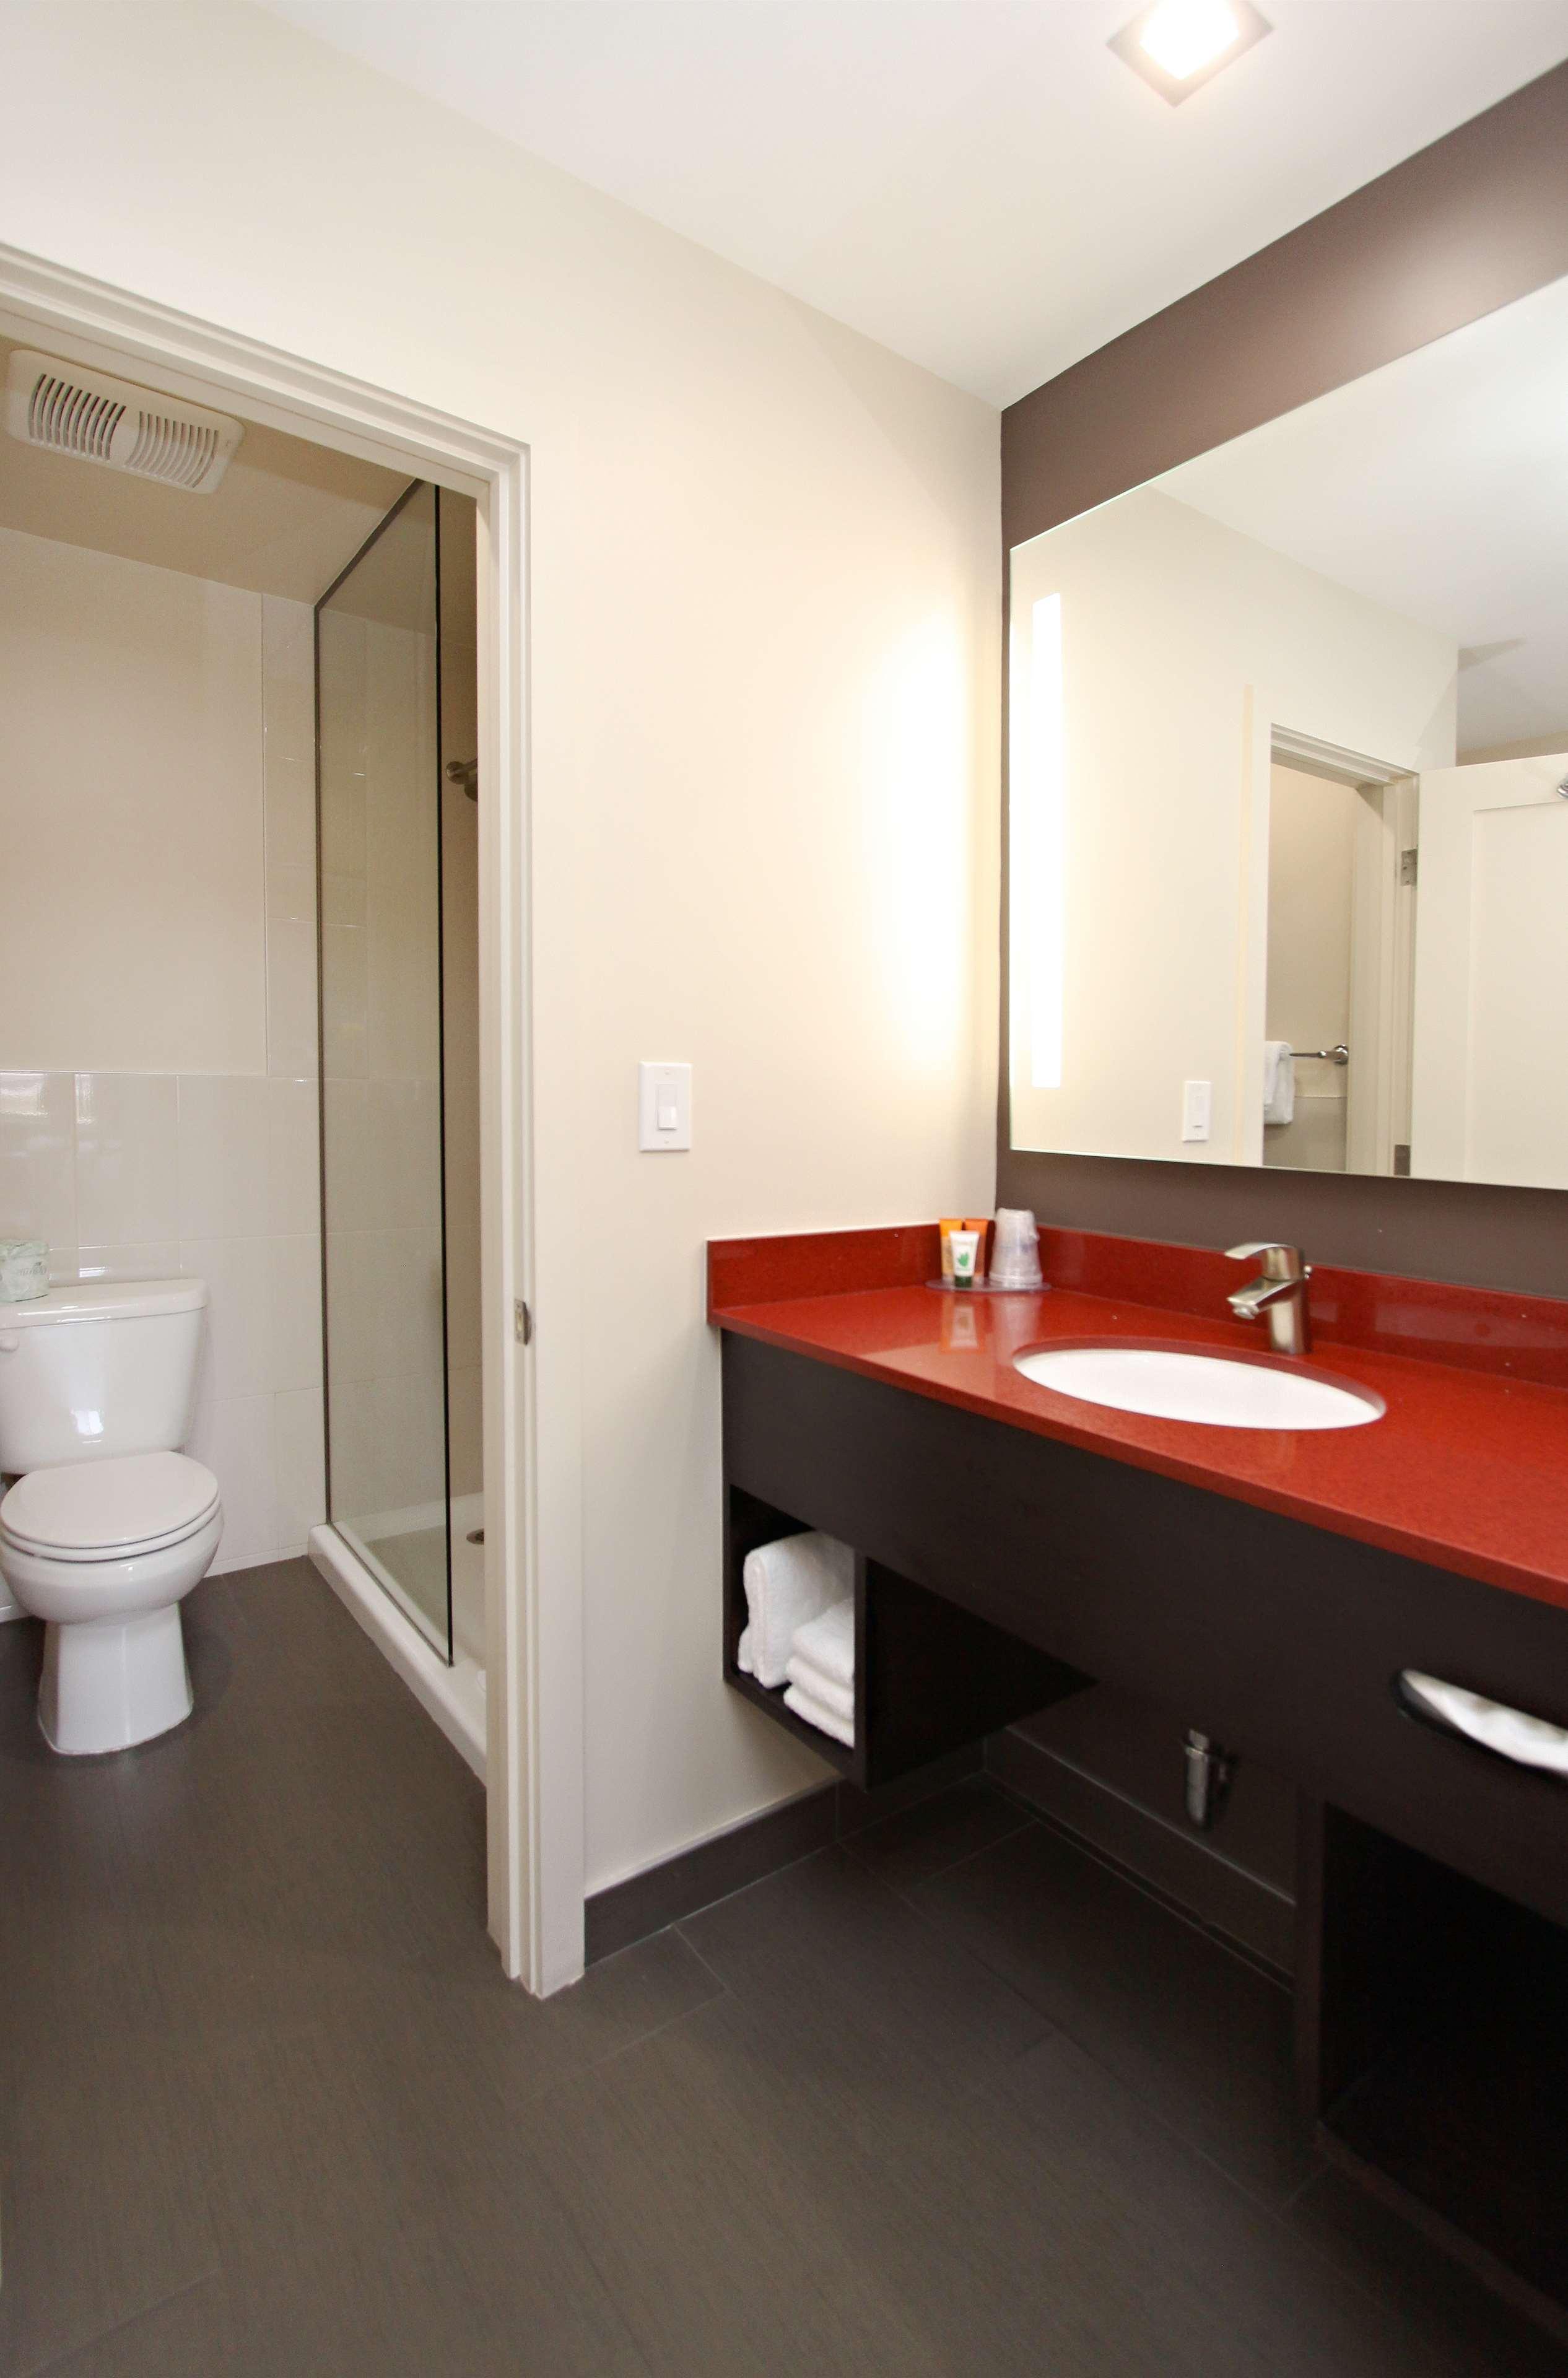 Double Guest Bathroom Vanity